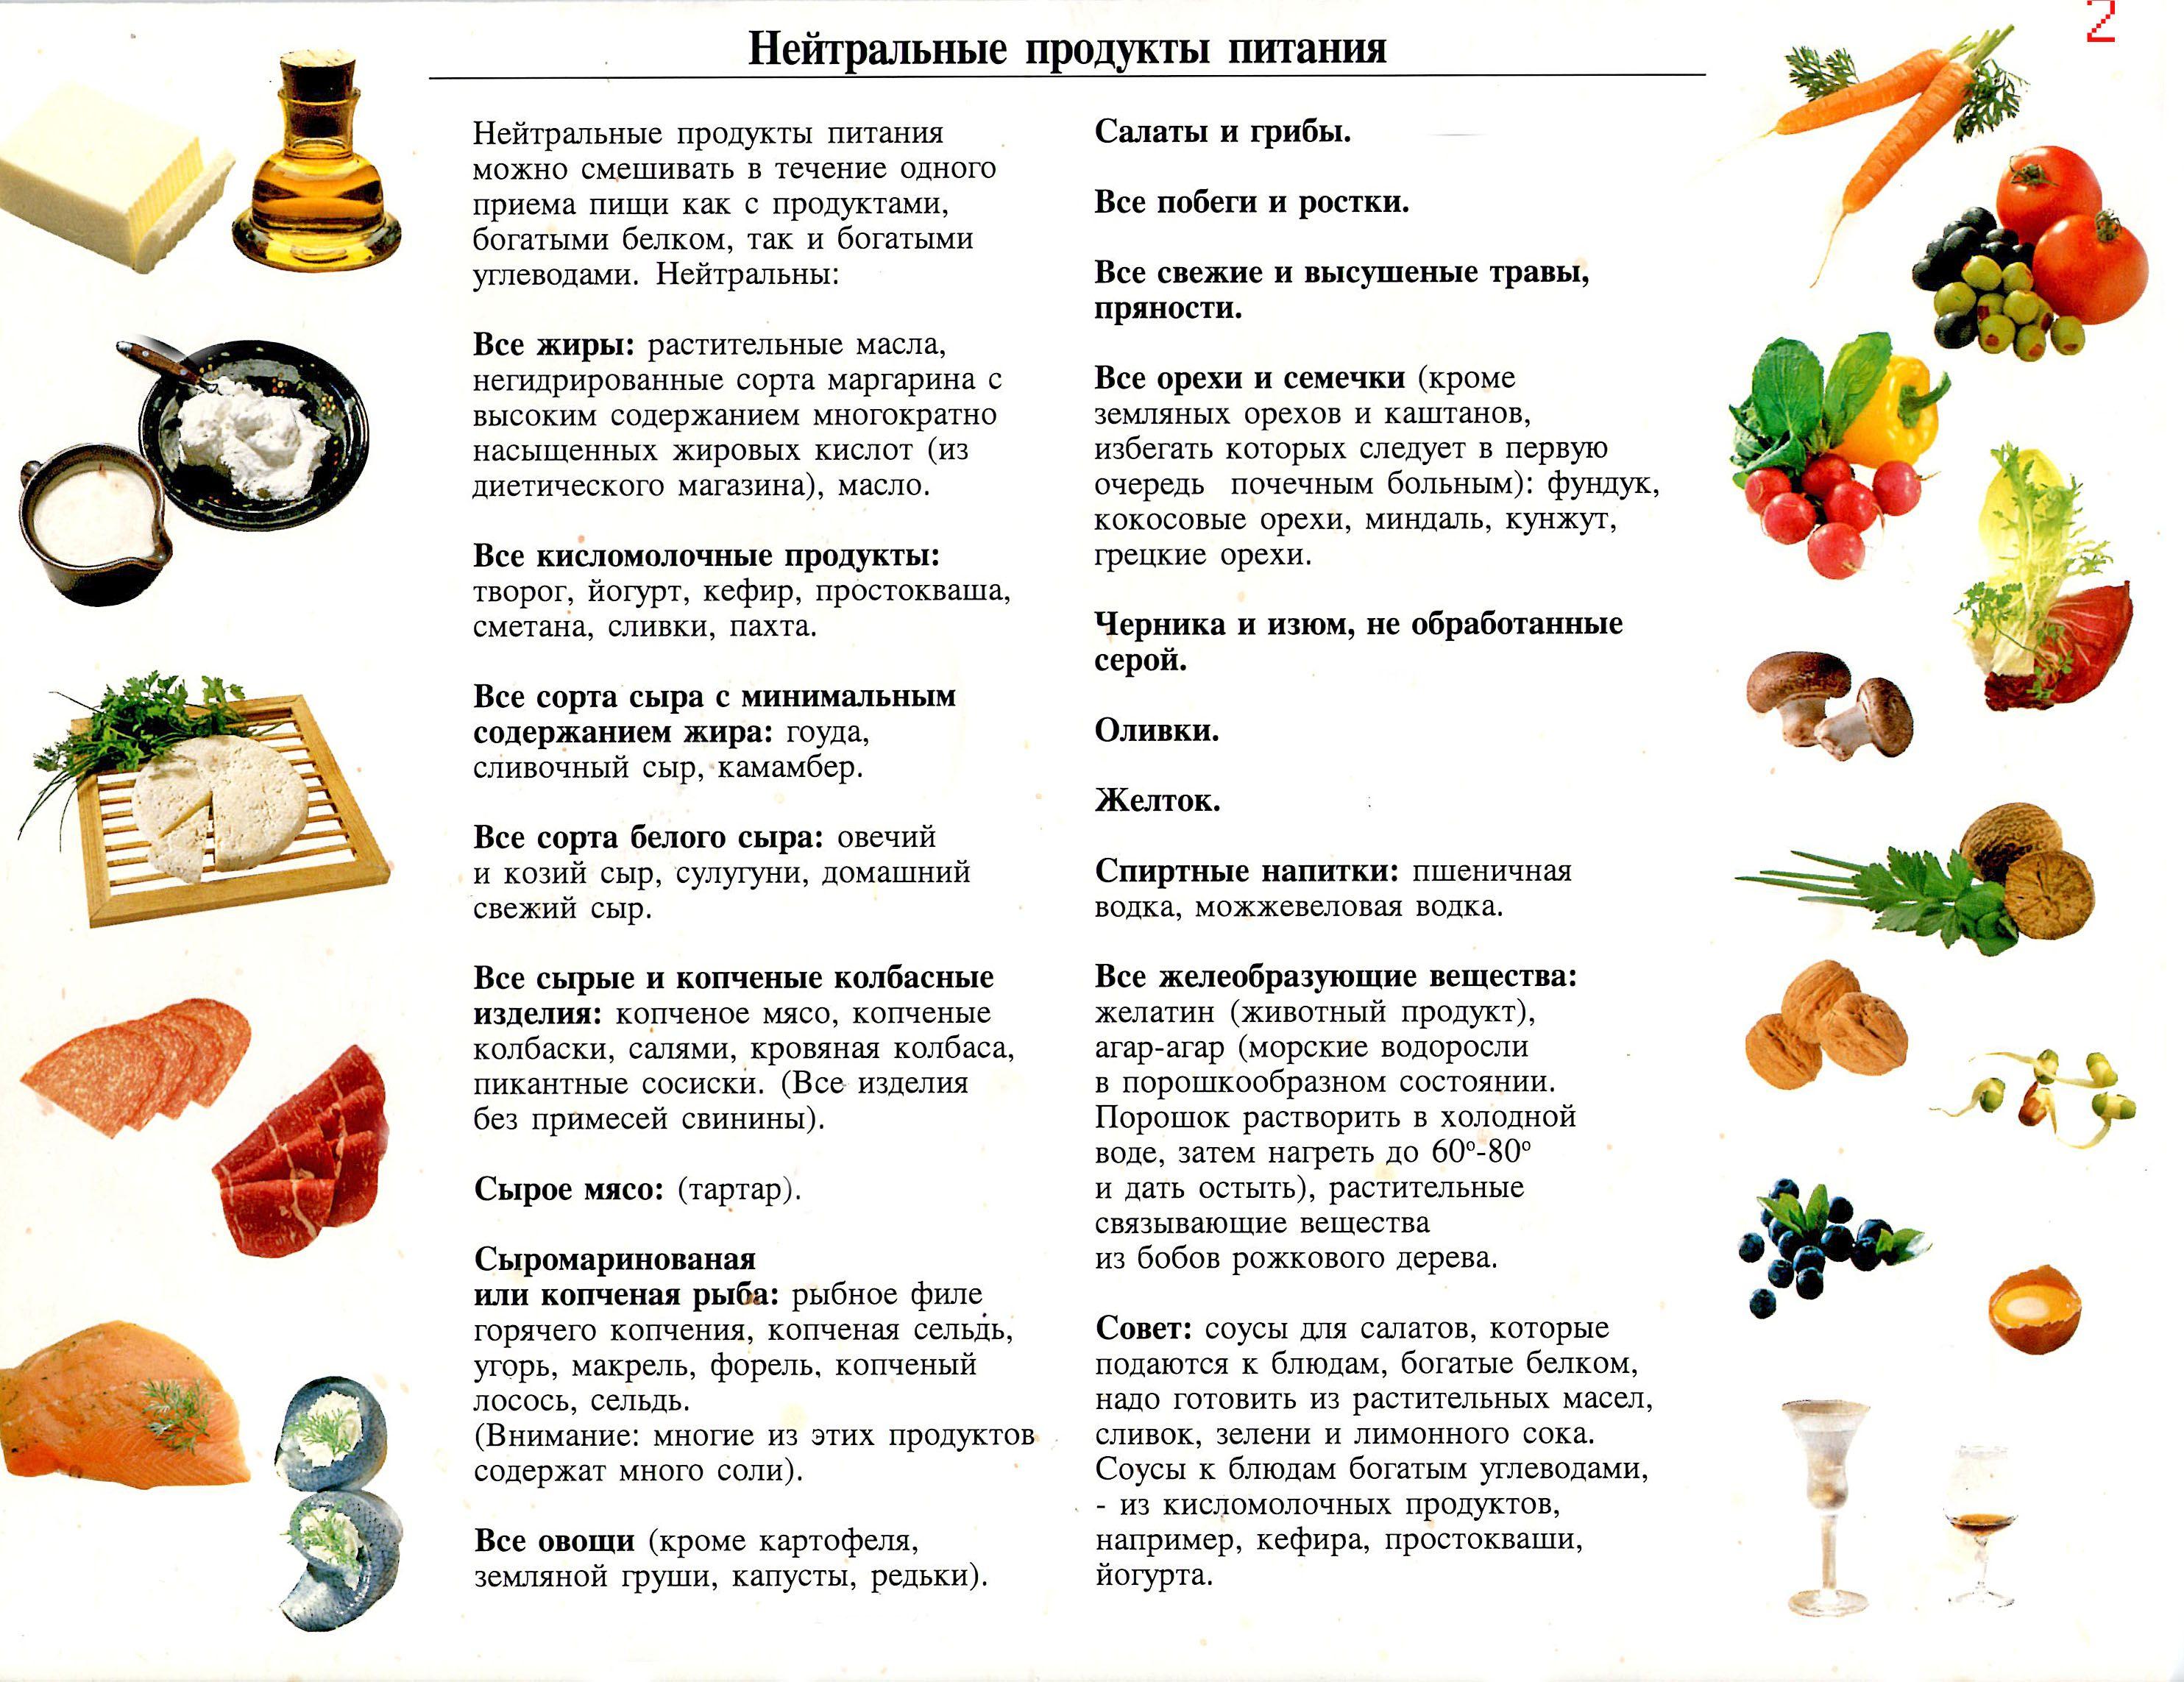 Дробное питание для похудения: меню на неделю, отзывы диетологов, рецепты блюд, преимущества и недостатки